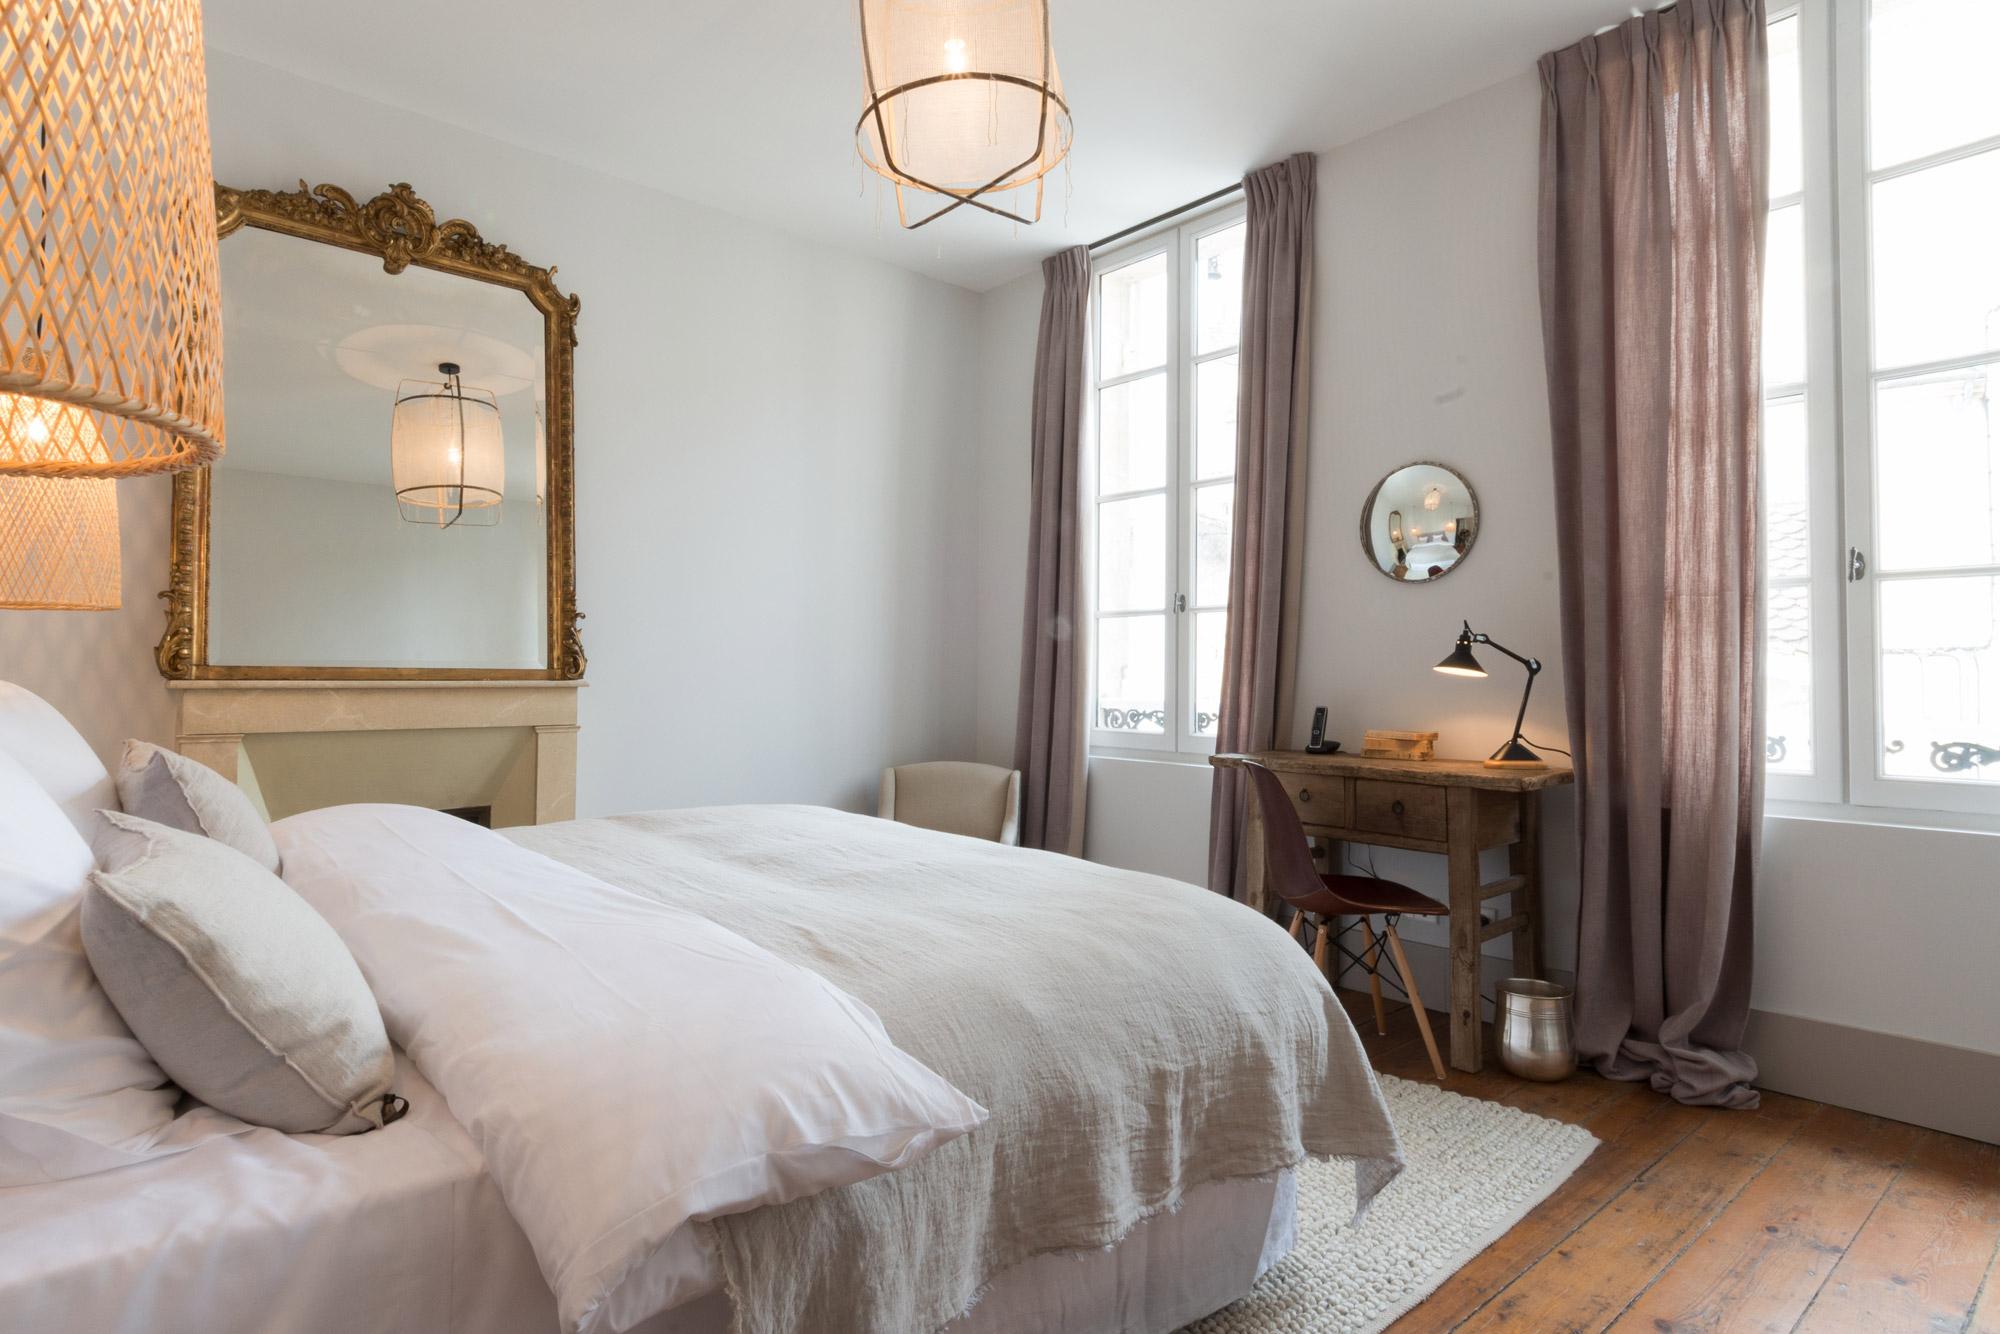 Chambre lumineuse, avec cheminée décorée d'un miroir imposant, et bureau en bois